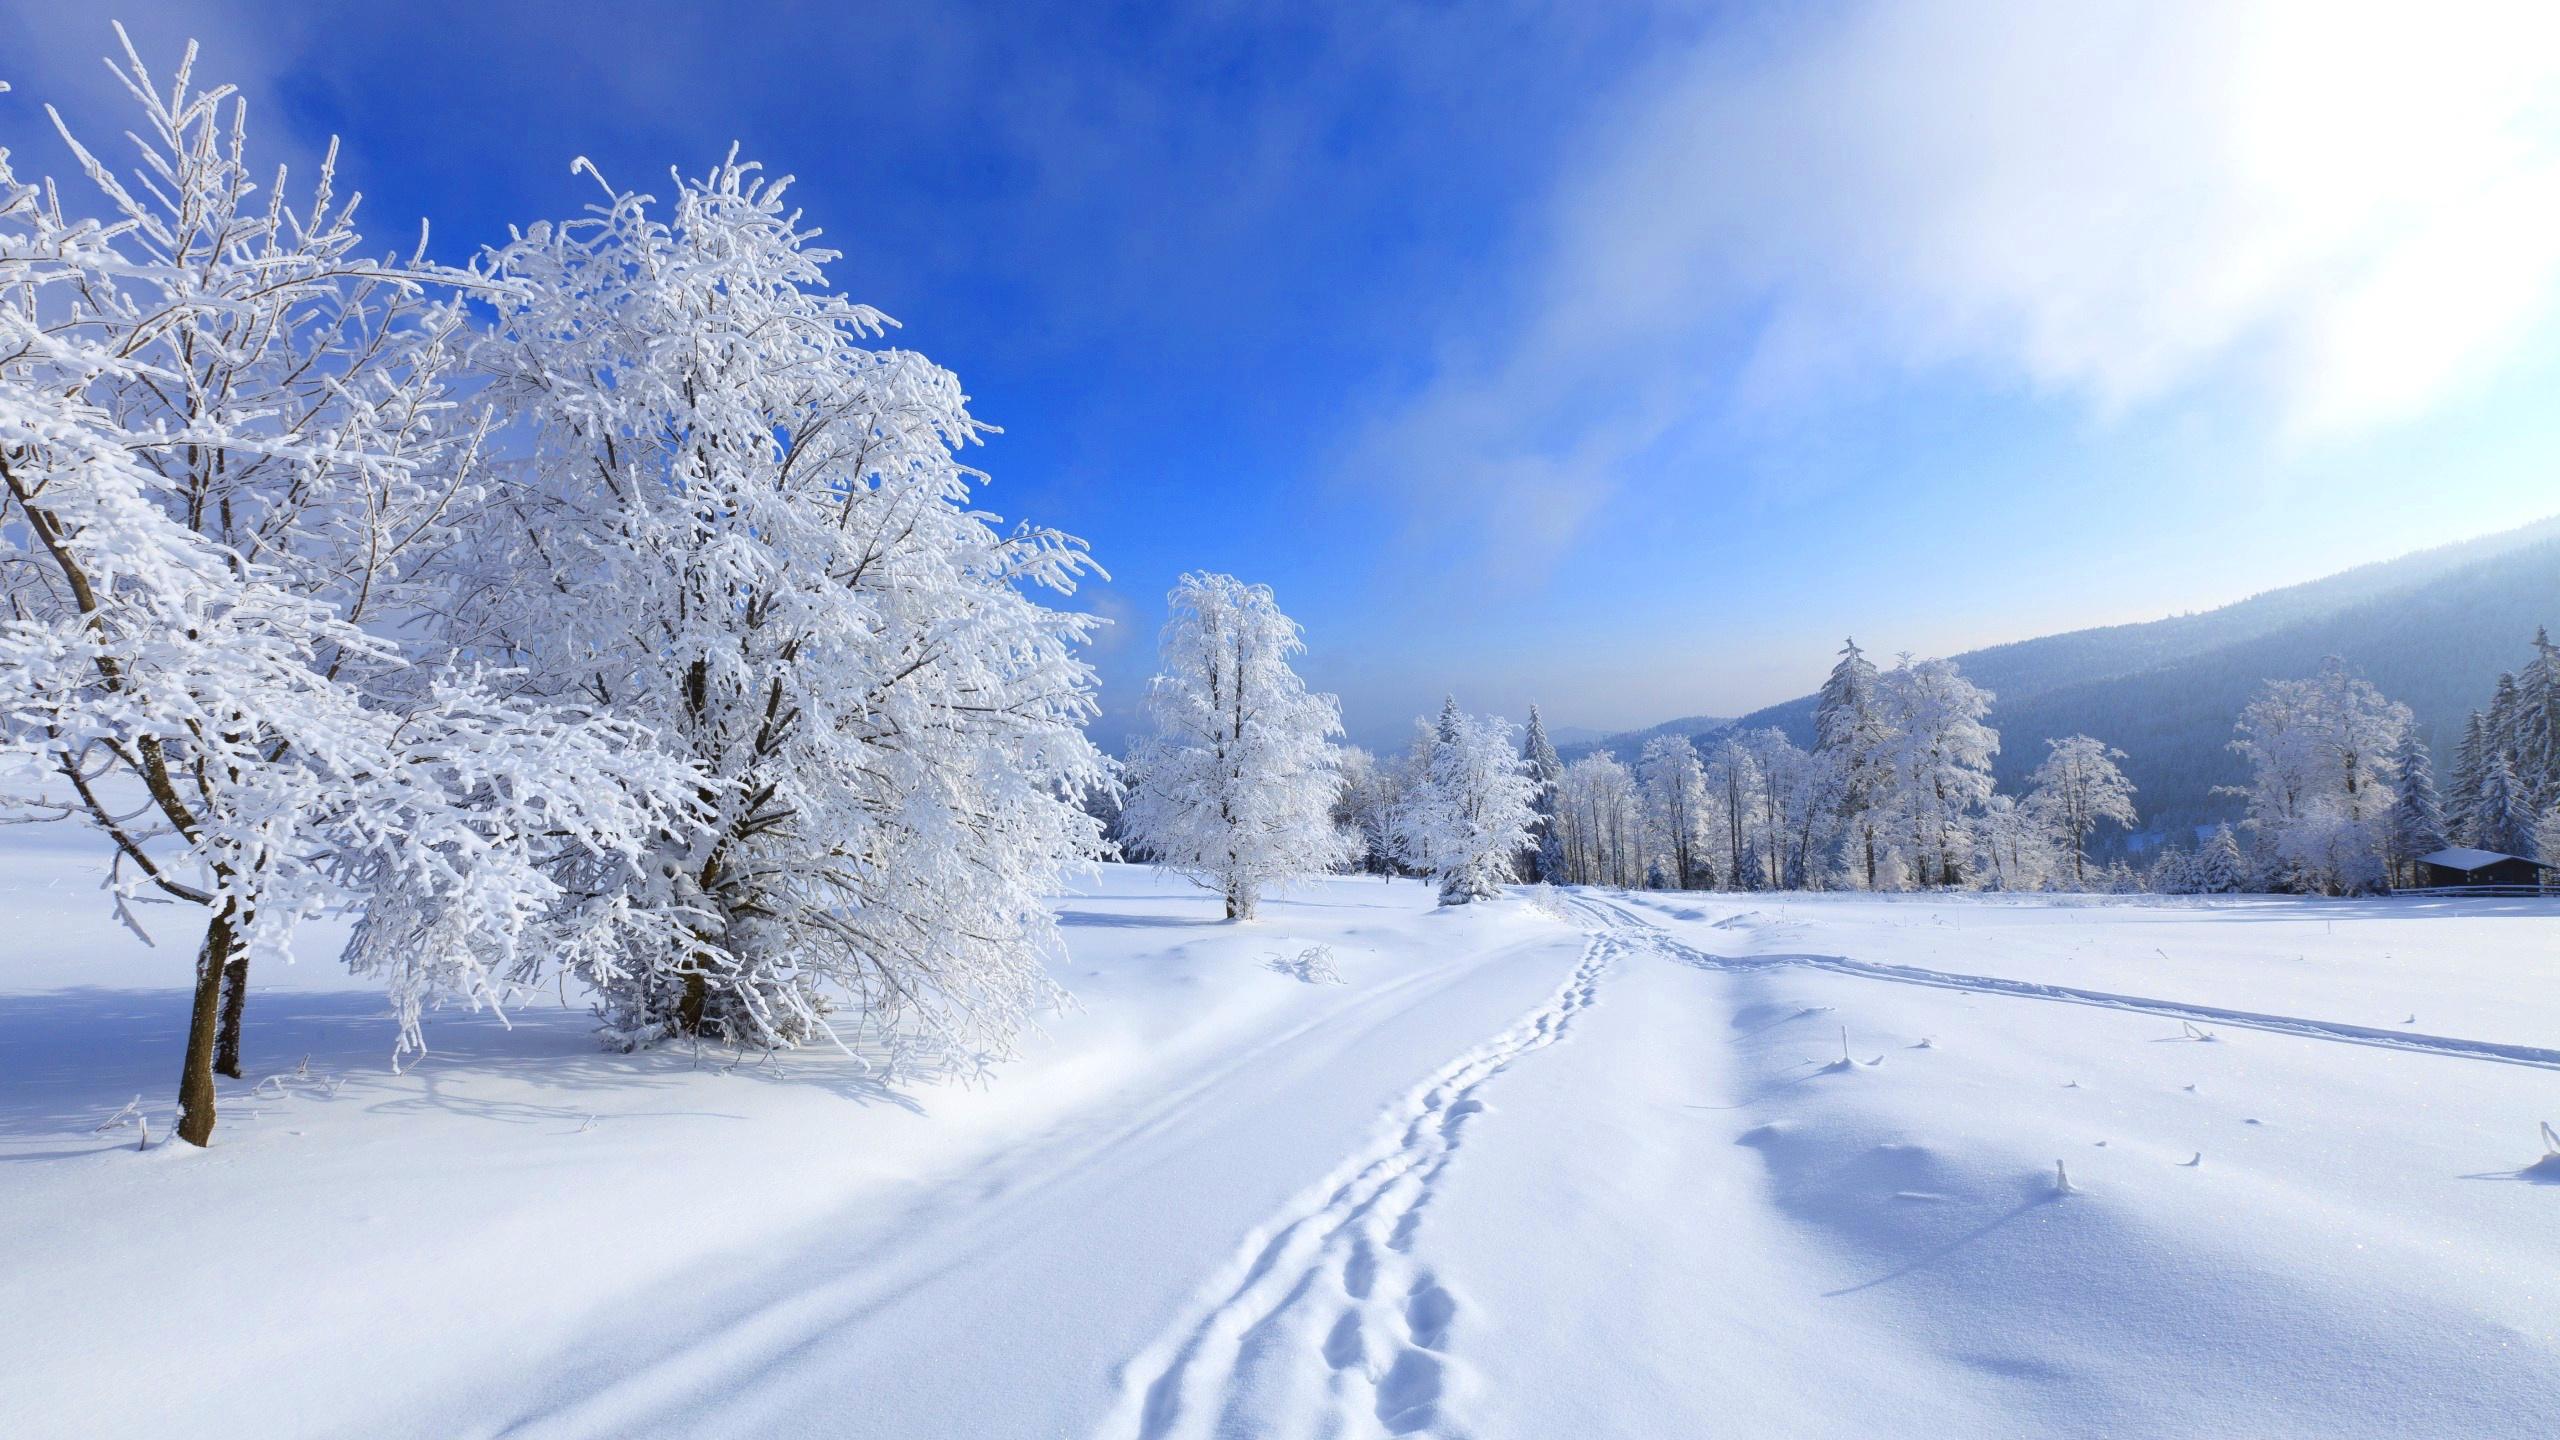 обои зима на рабочий стол пейзаж № 640750 бесплатно